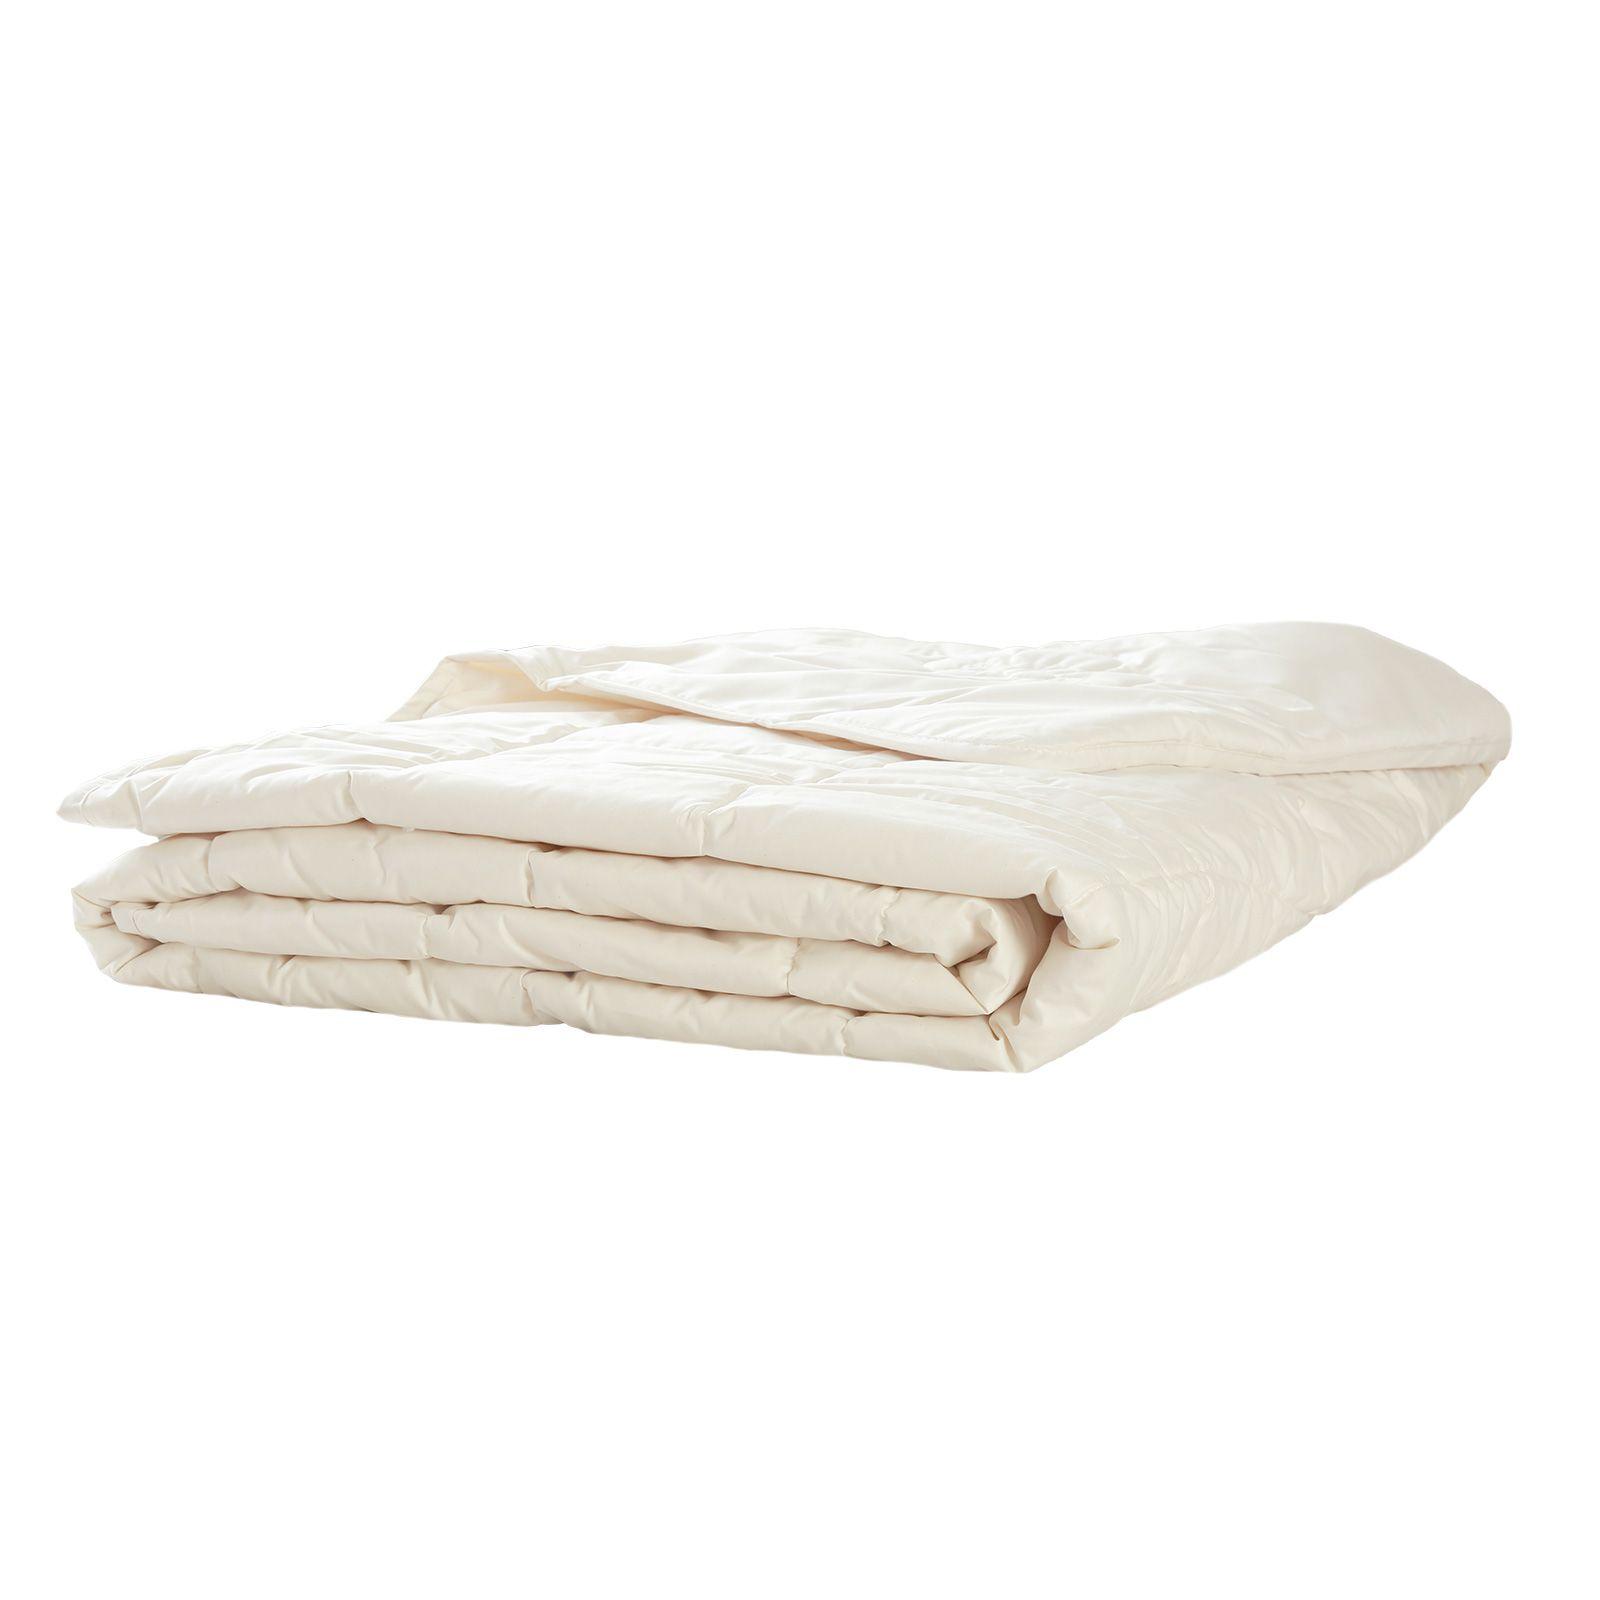 Leichte Sommer Bettdecke Baumwolle Leinen Kuhlt Angenehm Waschbar